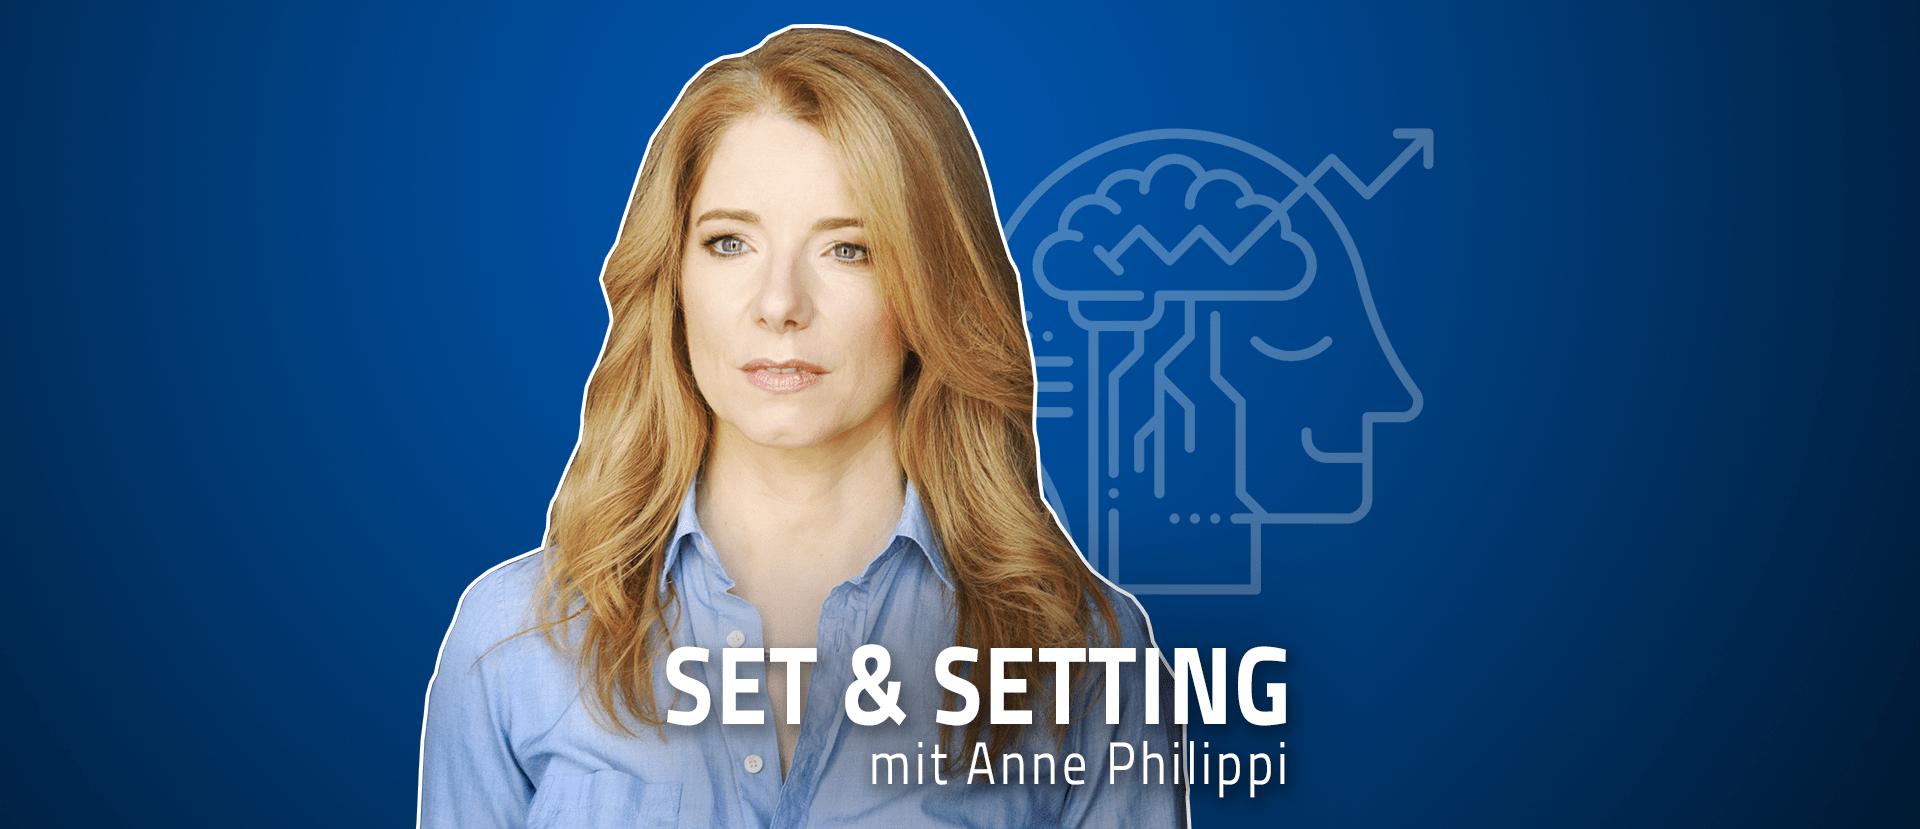 """#05 """"Psychotherapie allein reicht nicht mehr!"""" Anne Philippi über Psychedelika als modernes Zeitersparnis und wie Psilocybin ihr Leben veränderte"""